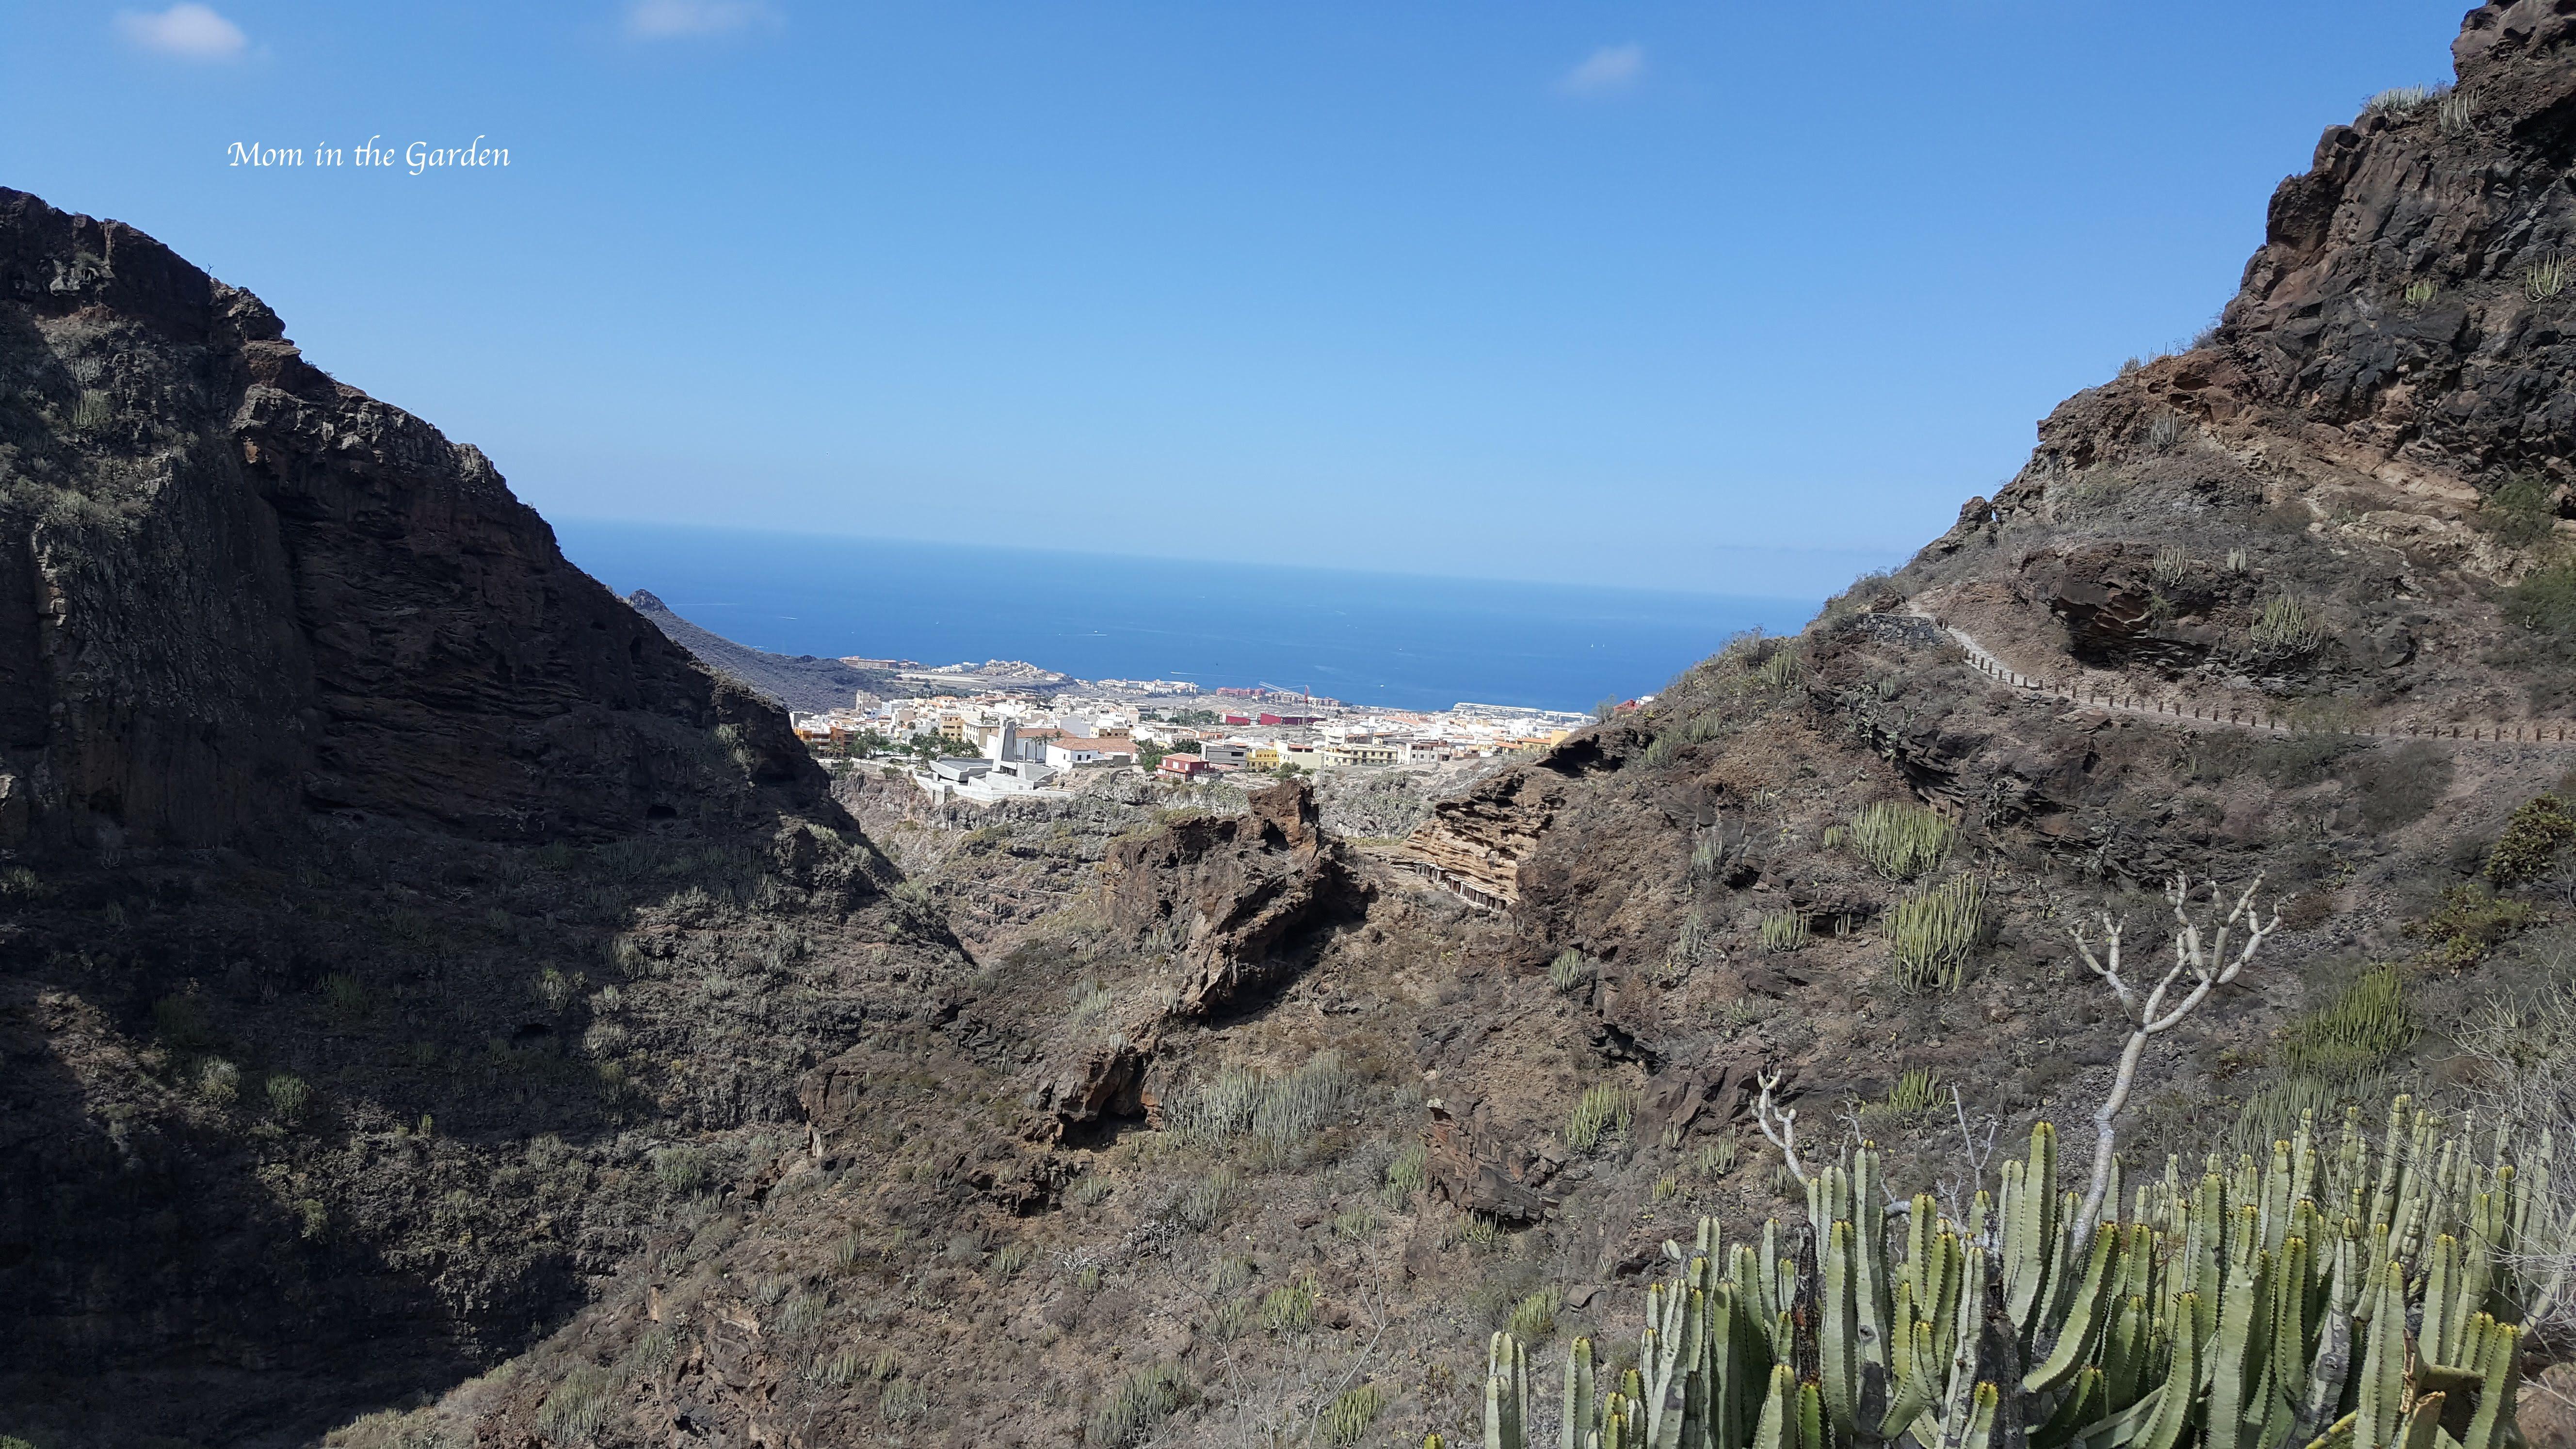 Barranco del Infierno sea view with cactus